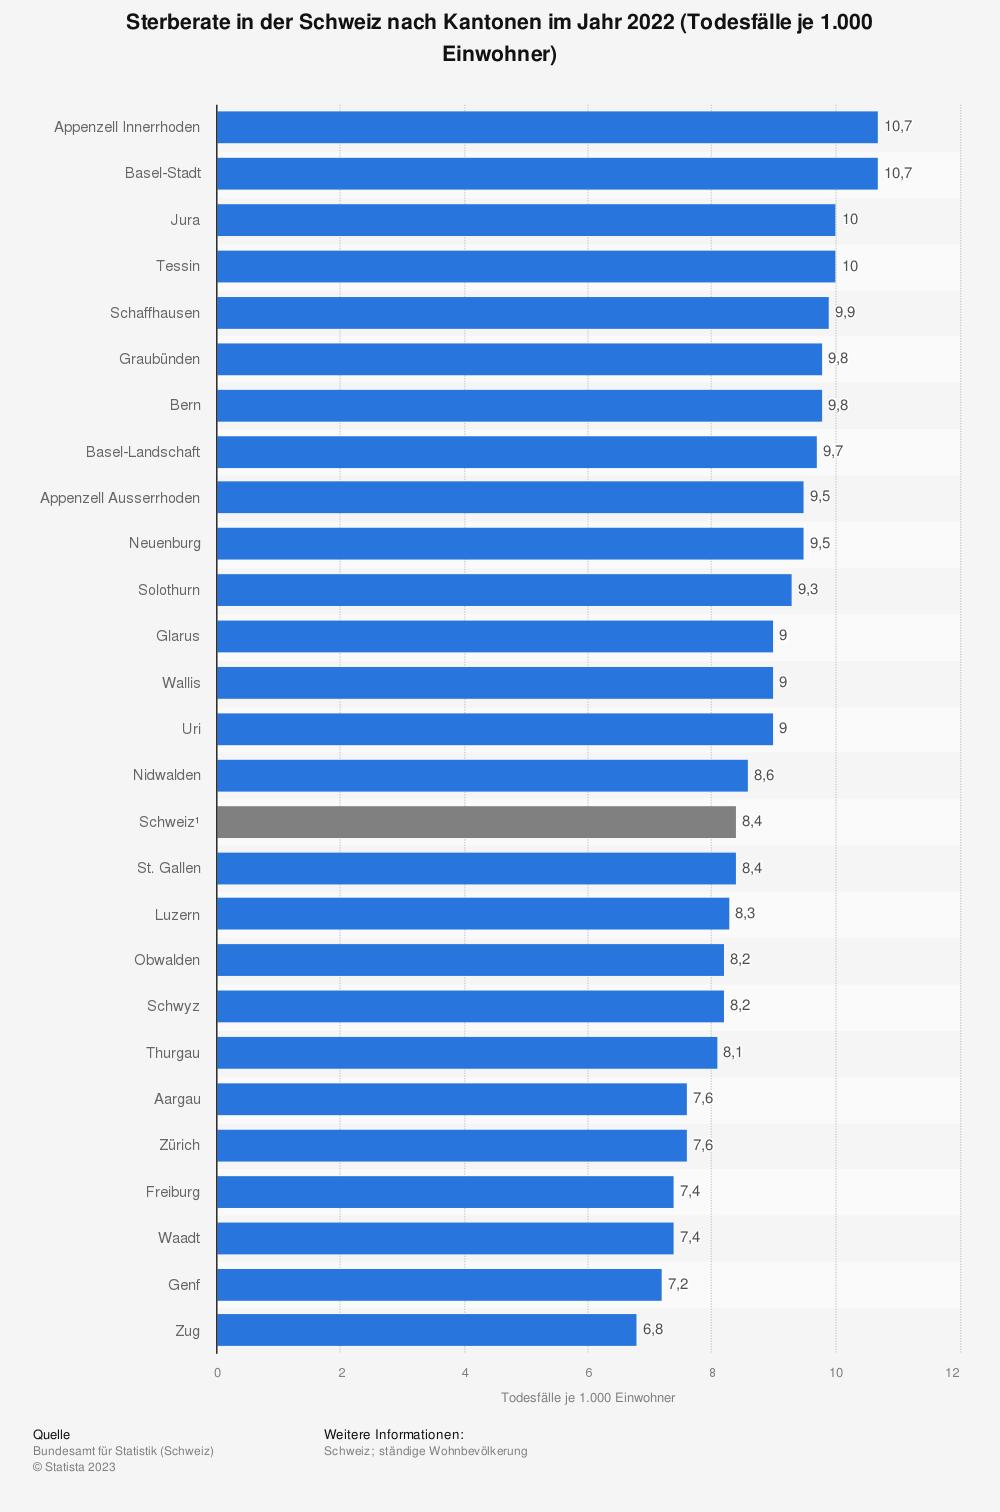 Statistik: Sterberate in der Schweiz nach Kantonen im Jahr 2019 (Todesfälle je 1.000 Einwohner) | Statista